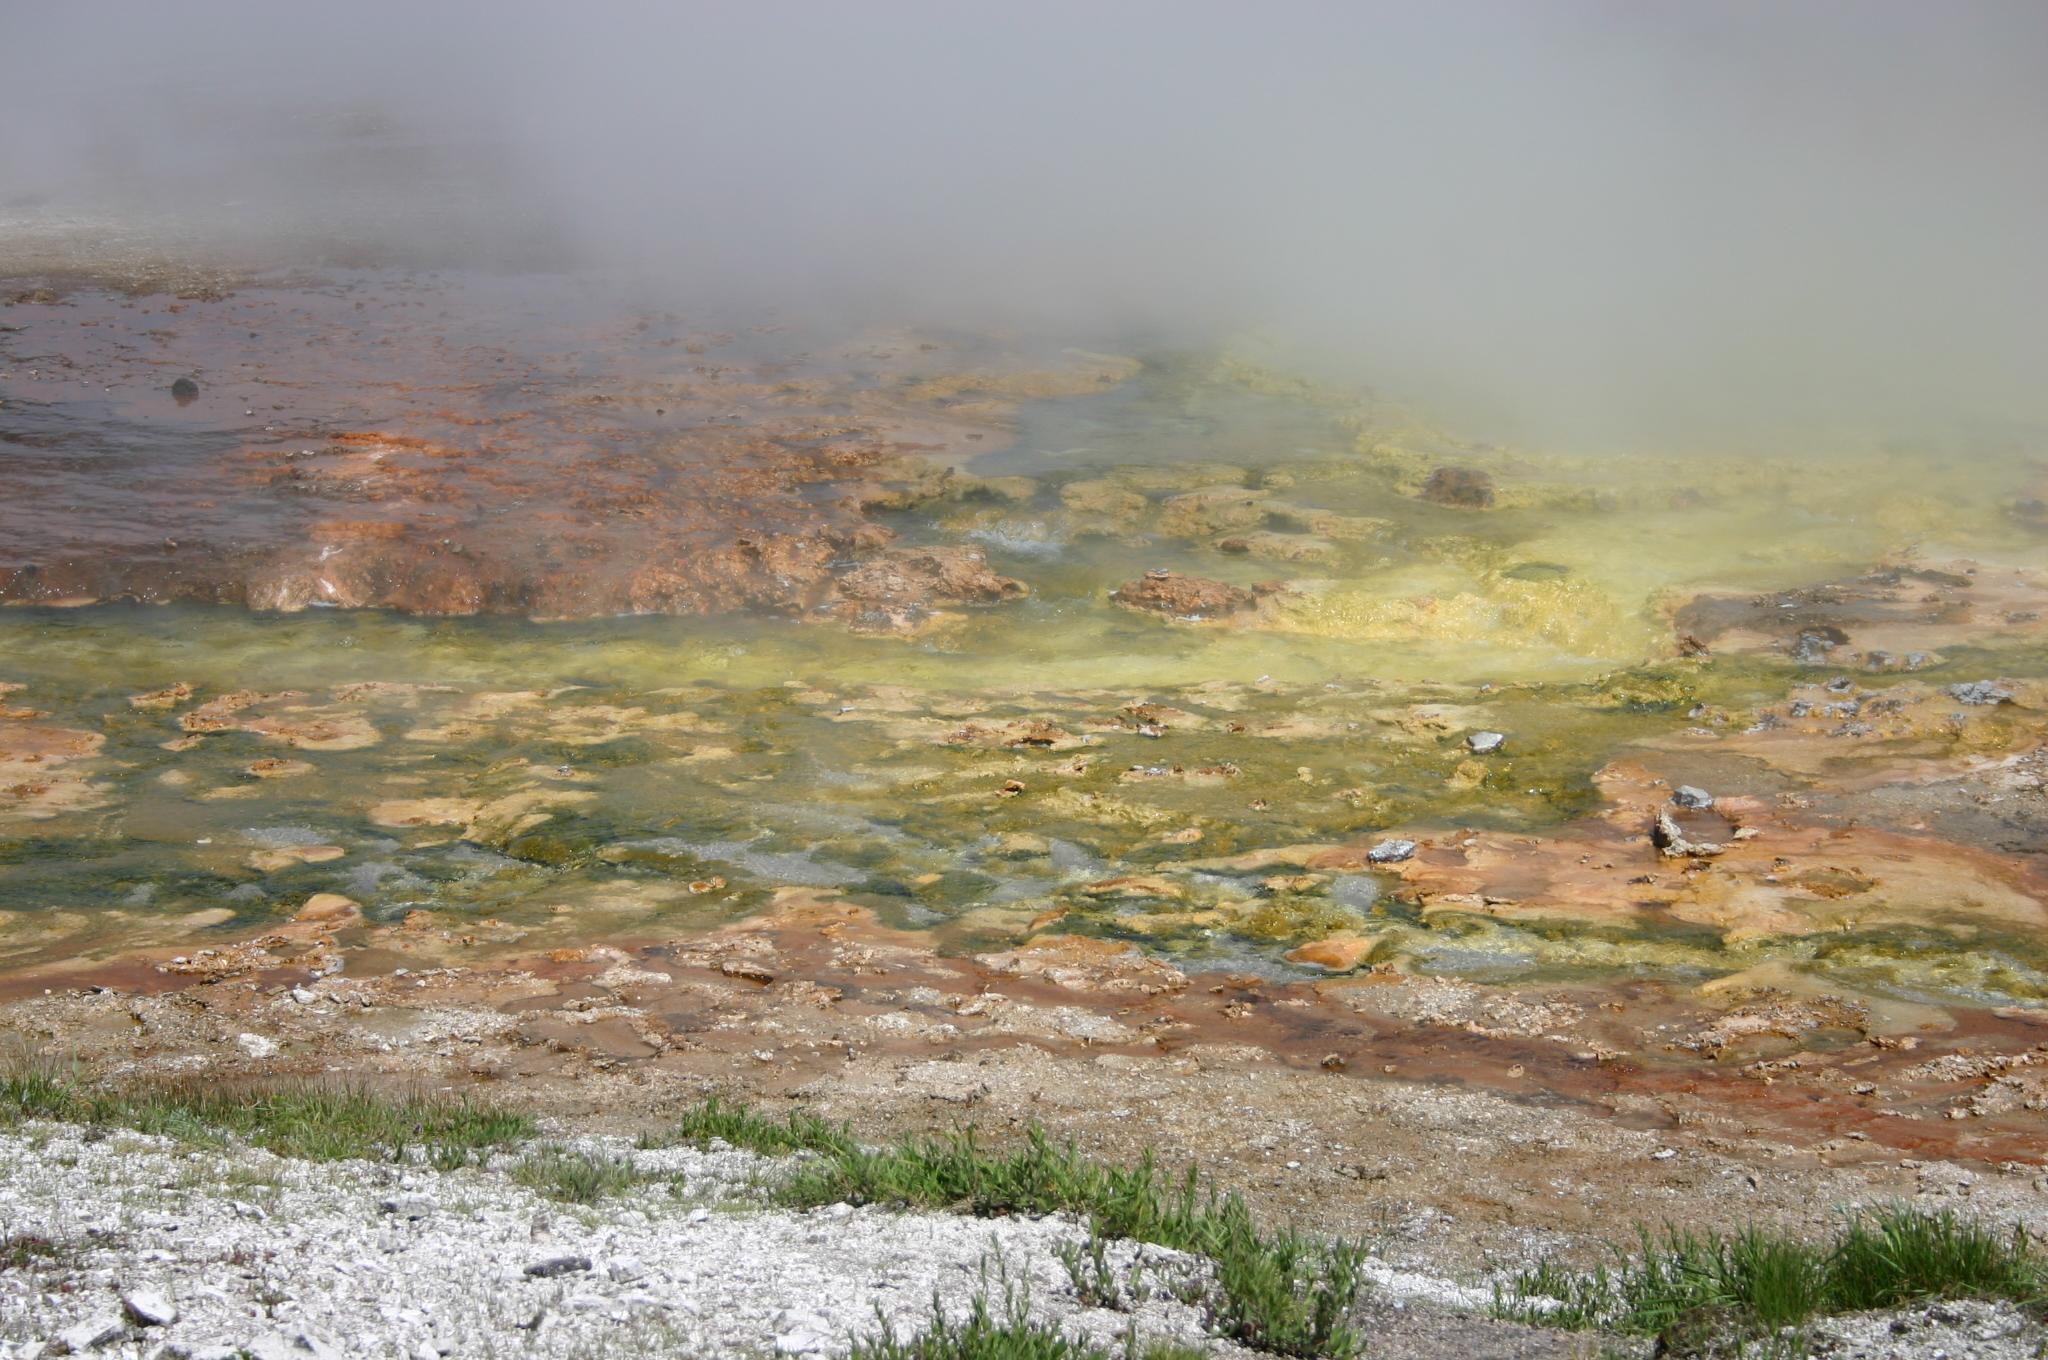 Ces choses que vous ne saviez pas, qui vous ont étonnés et que vous voulez partager! - Page 7 Colourful_Thermophilic_Archaebacteria_Stain_in_Midway_Geyser_Basin